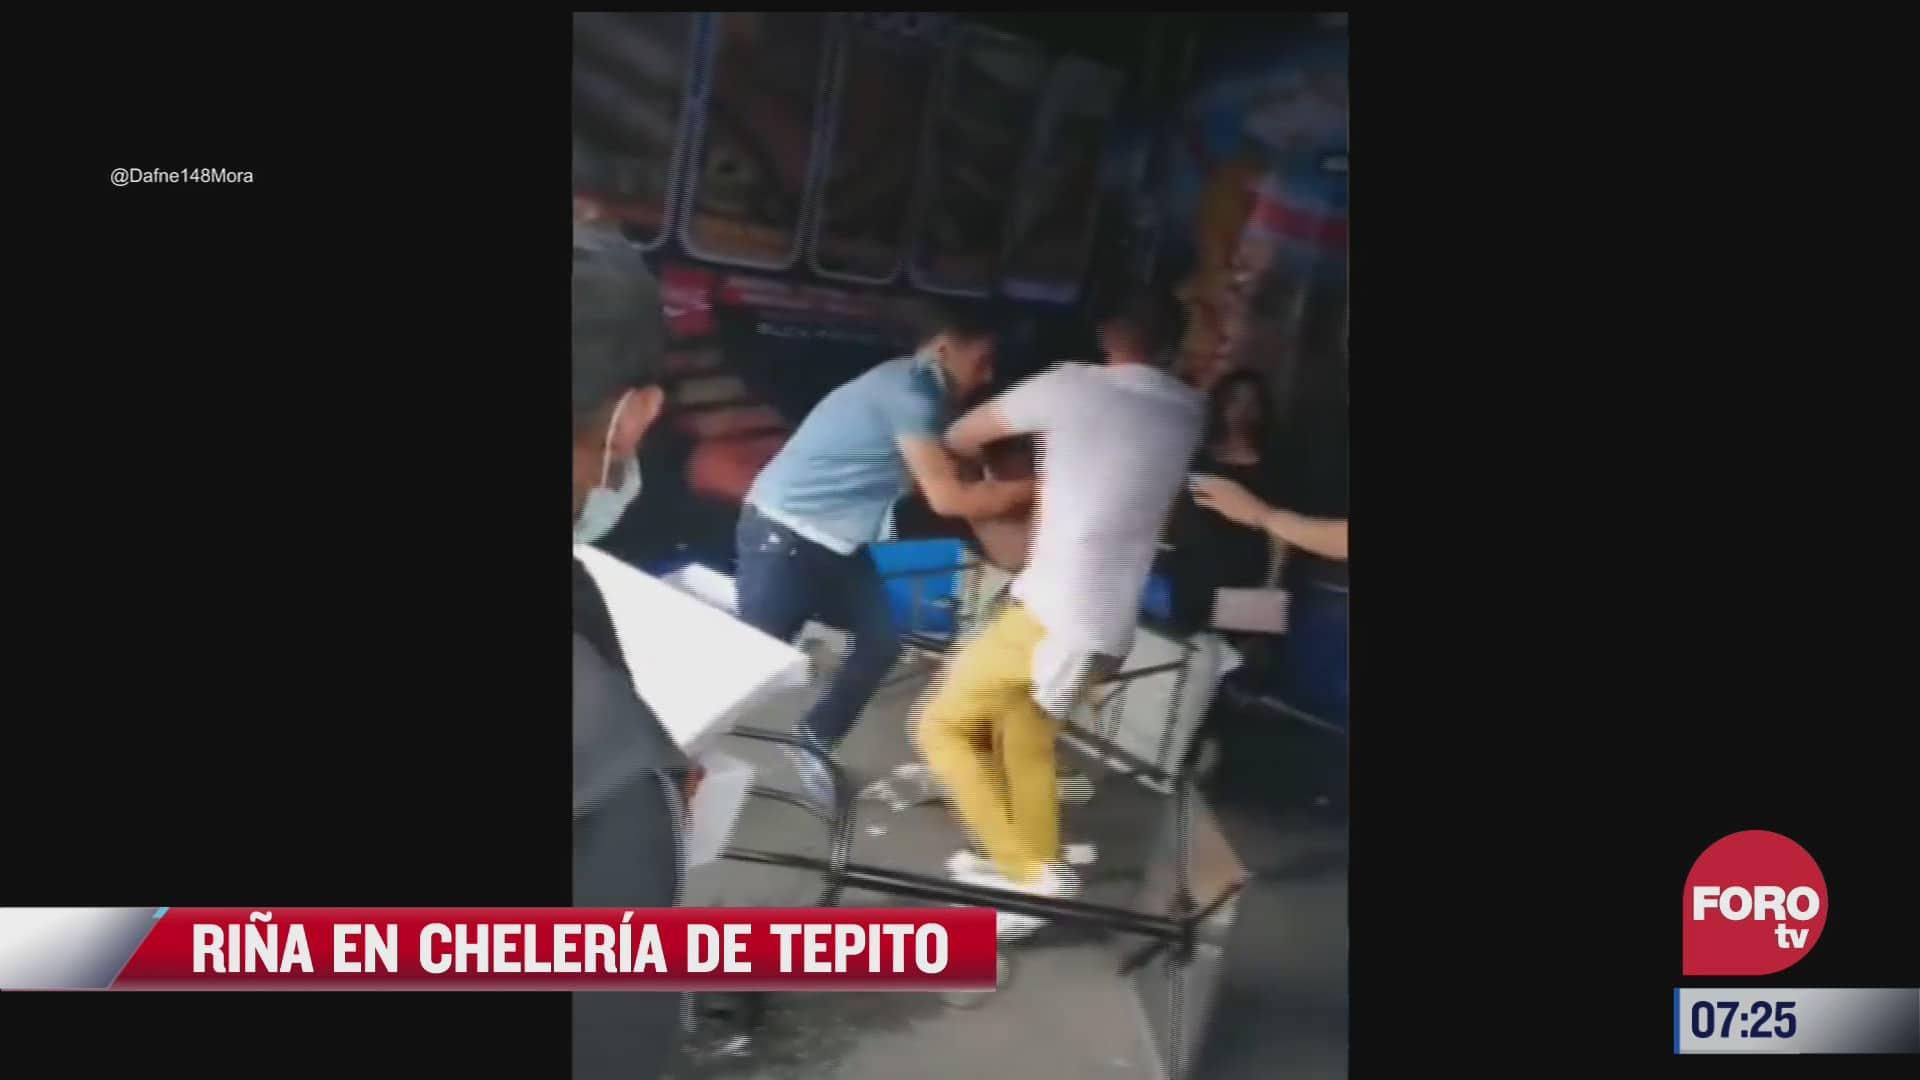 video rina en cheleria clandestina de tepito